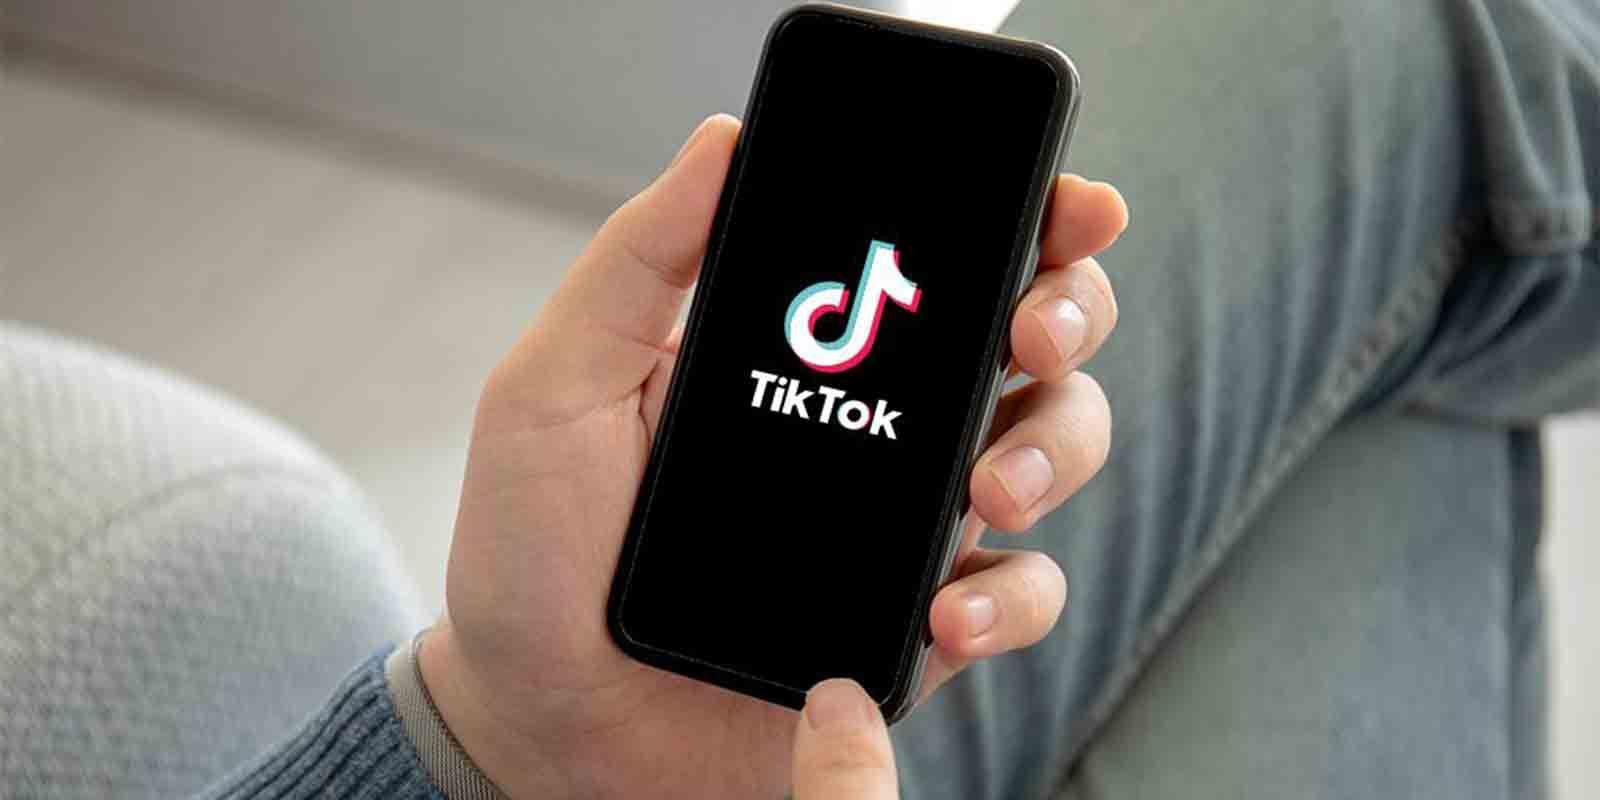 Seguidores reales influencer TikTok